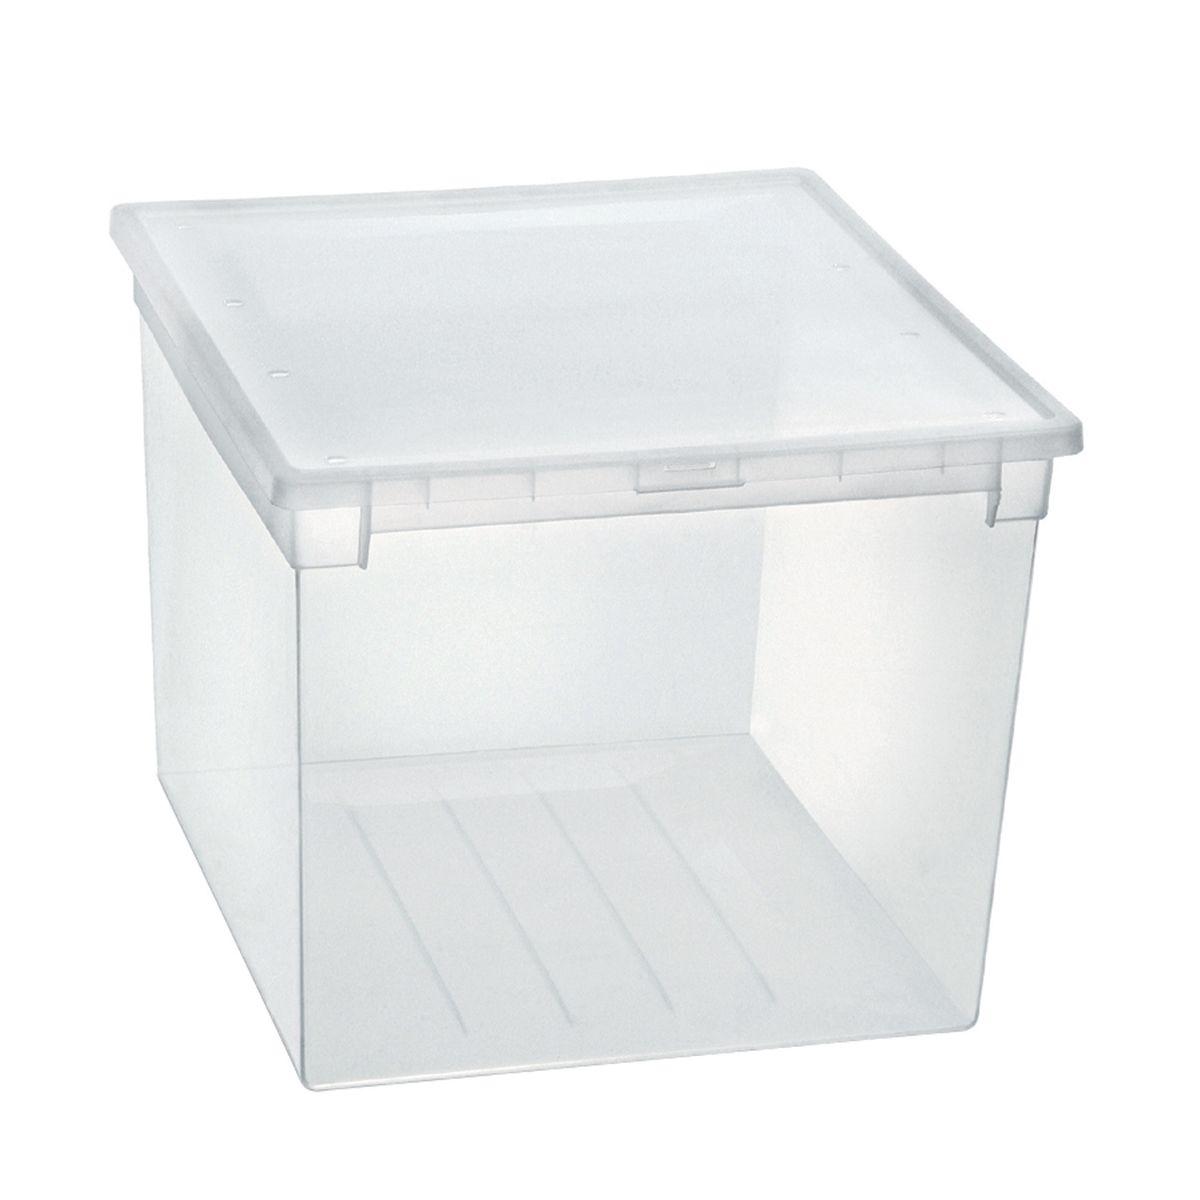 Scatole per armadi ordinett ordine e scatole scarpe l x h for Scatole plastica ikea